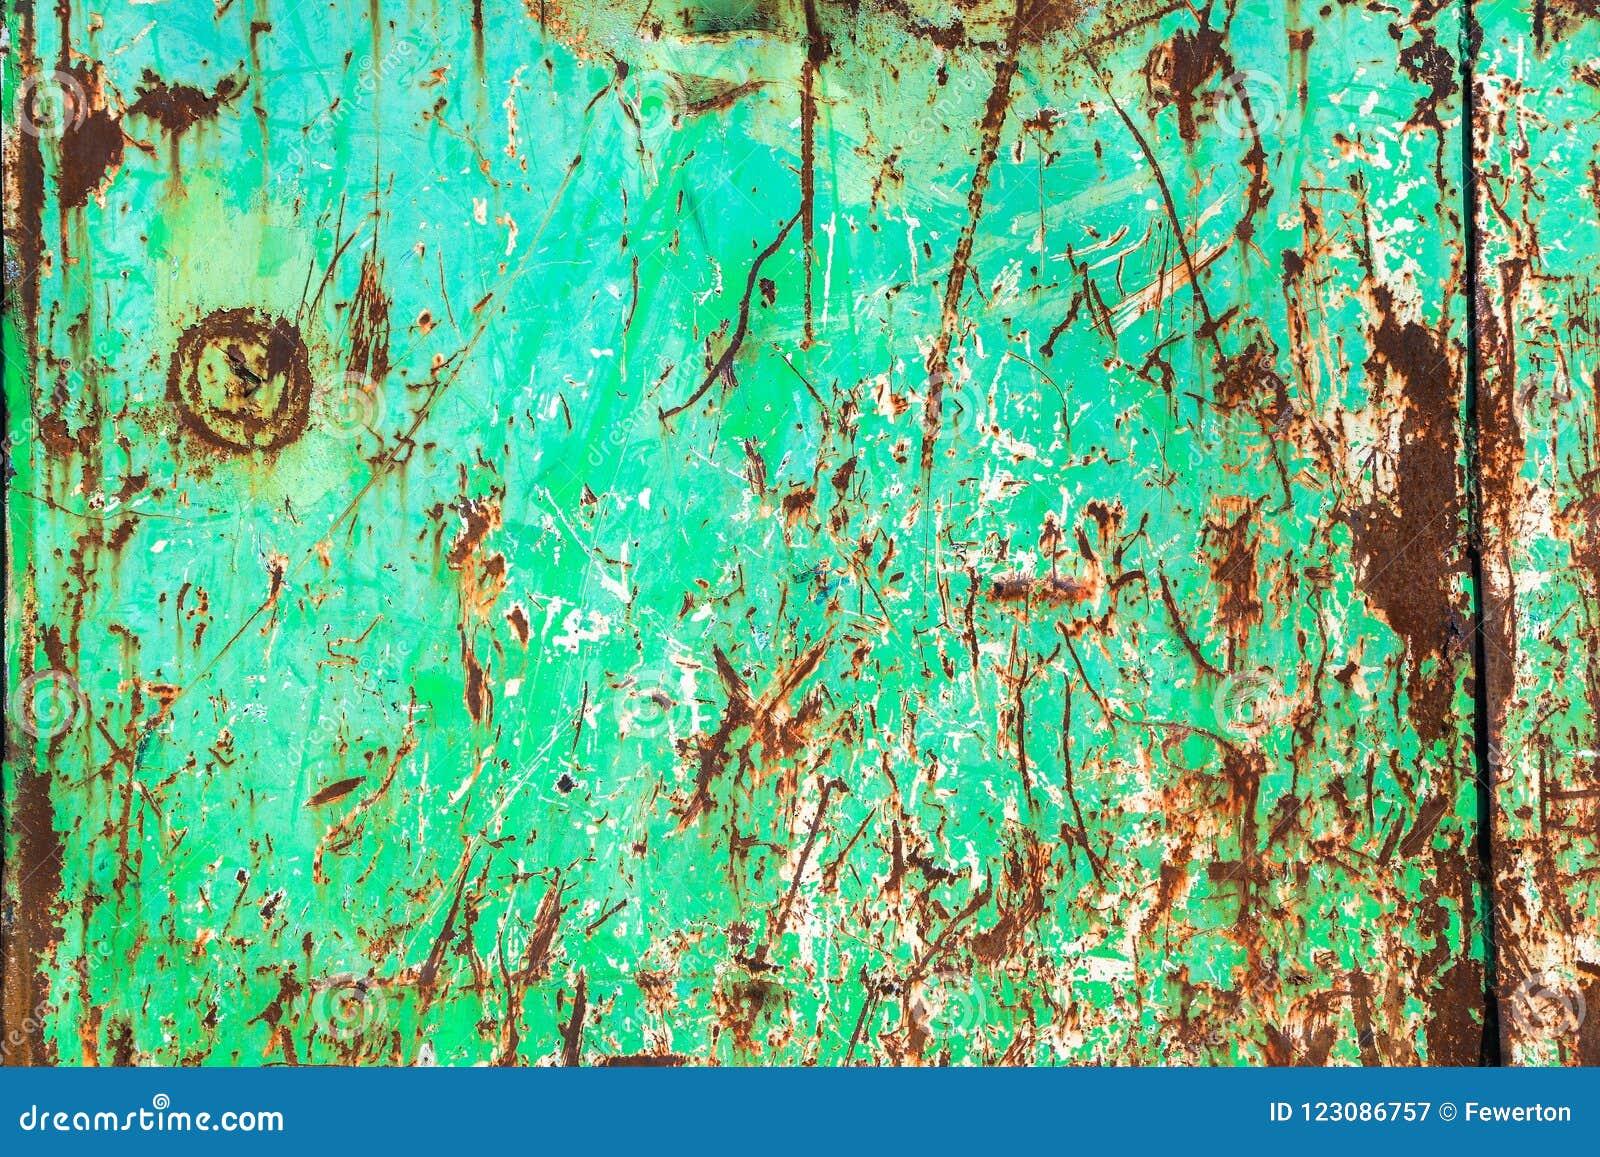 绿色生锈和脏的金属铁板材墙壁有典型的氧化铁红颜色的和有绿色削皮涂层油漆的